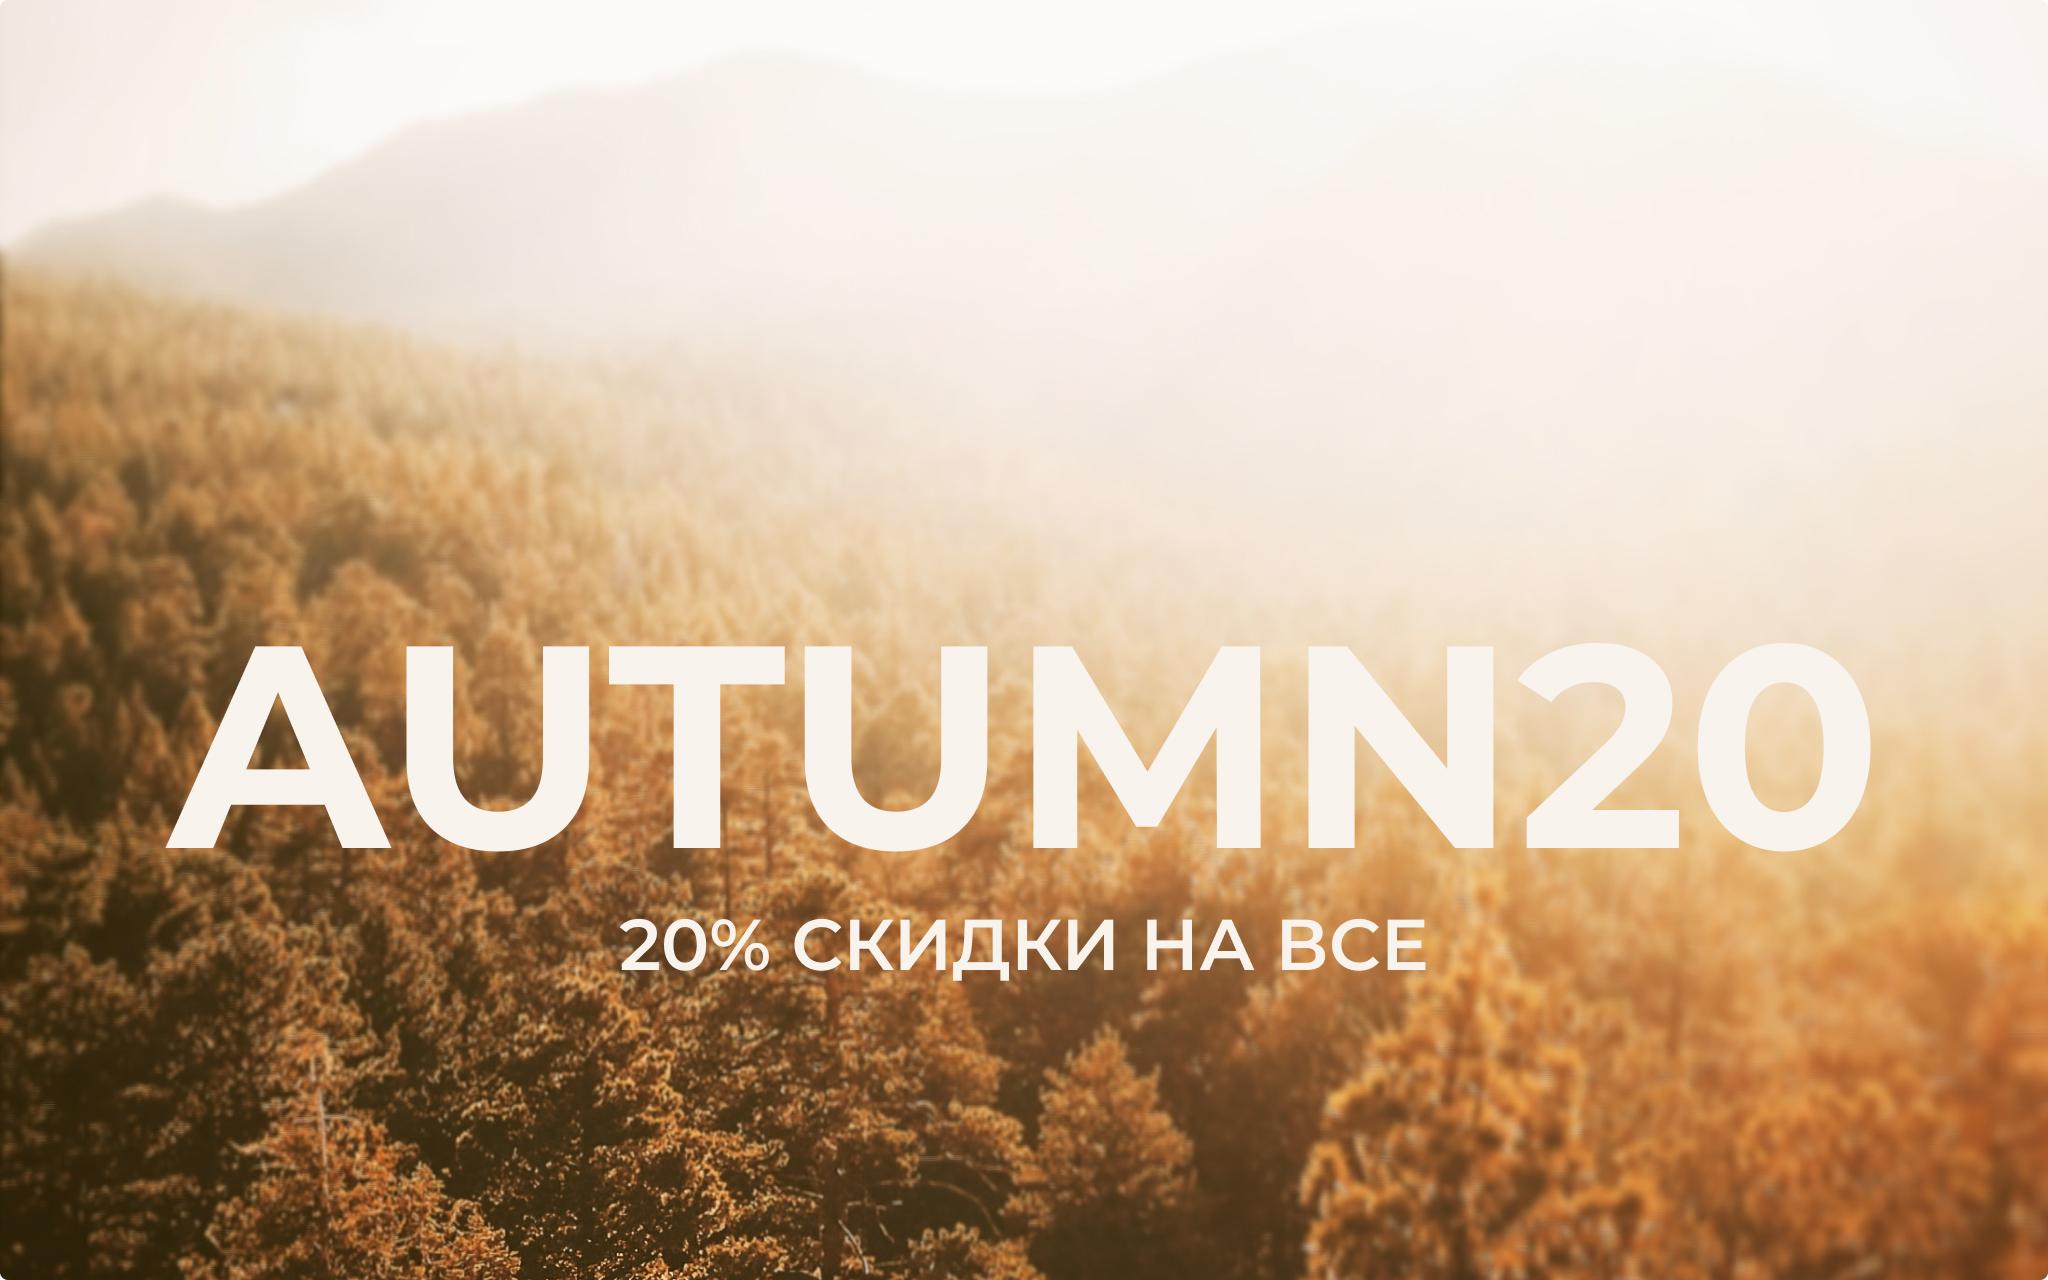 промокод: AUTUMN20